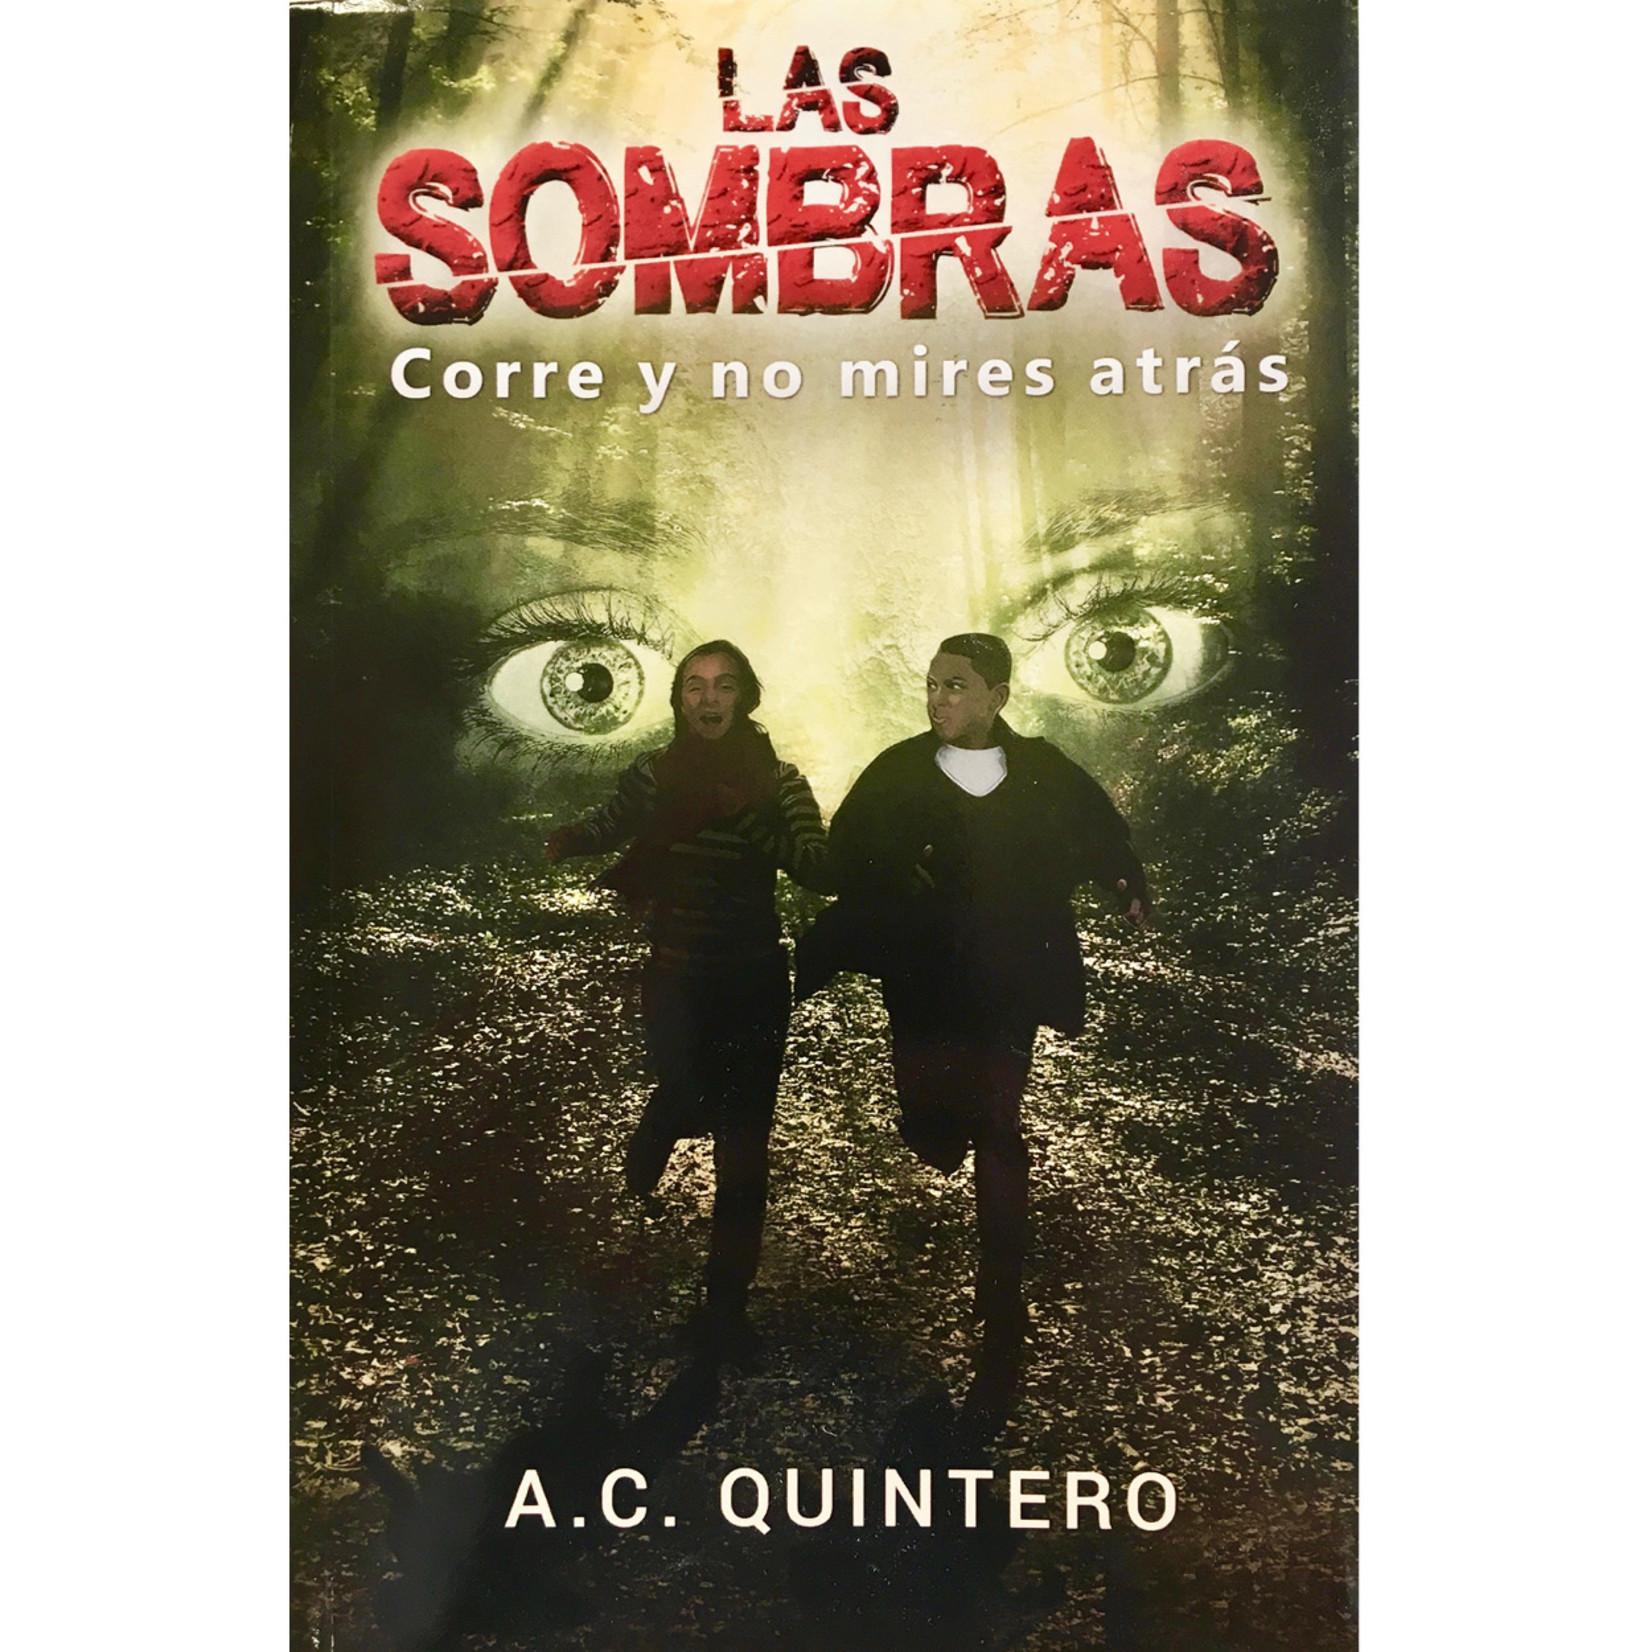 A.C. Quintero Resources Las sombras